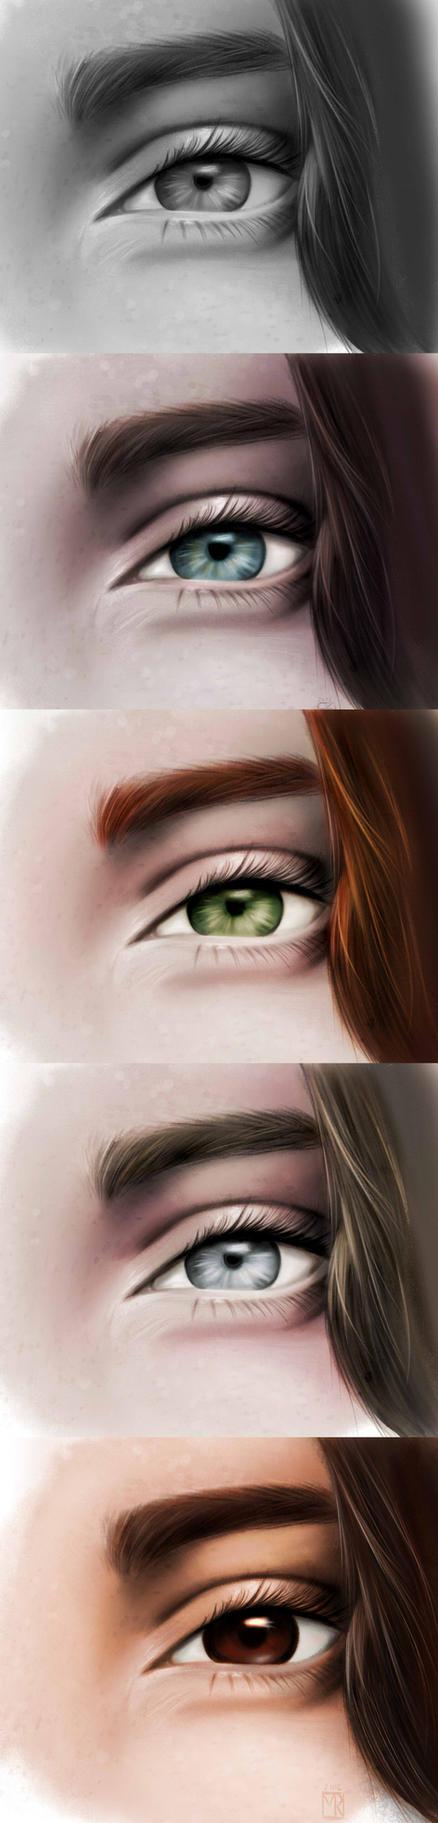 eyes exercise by MistyRoxy